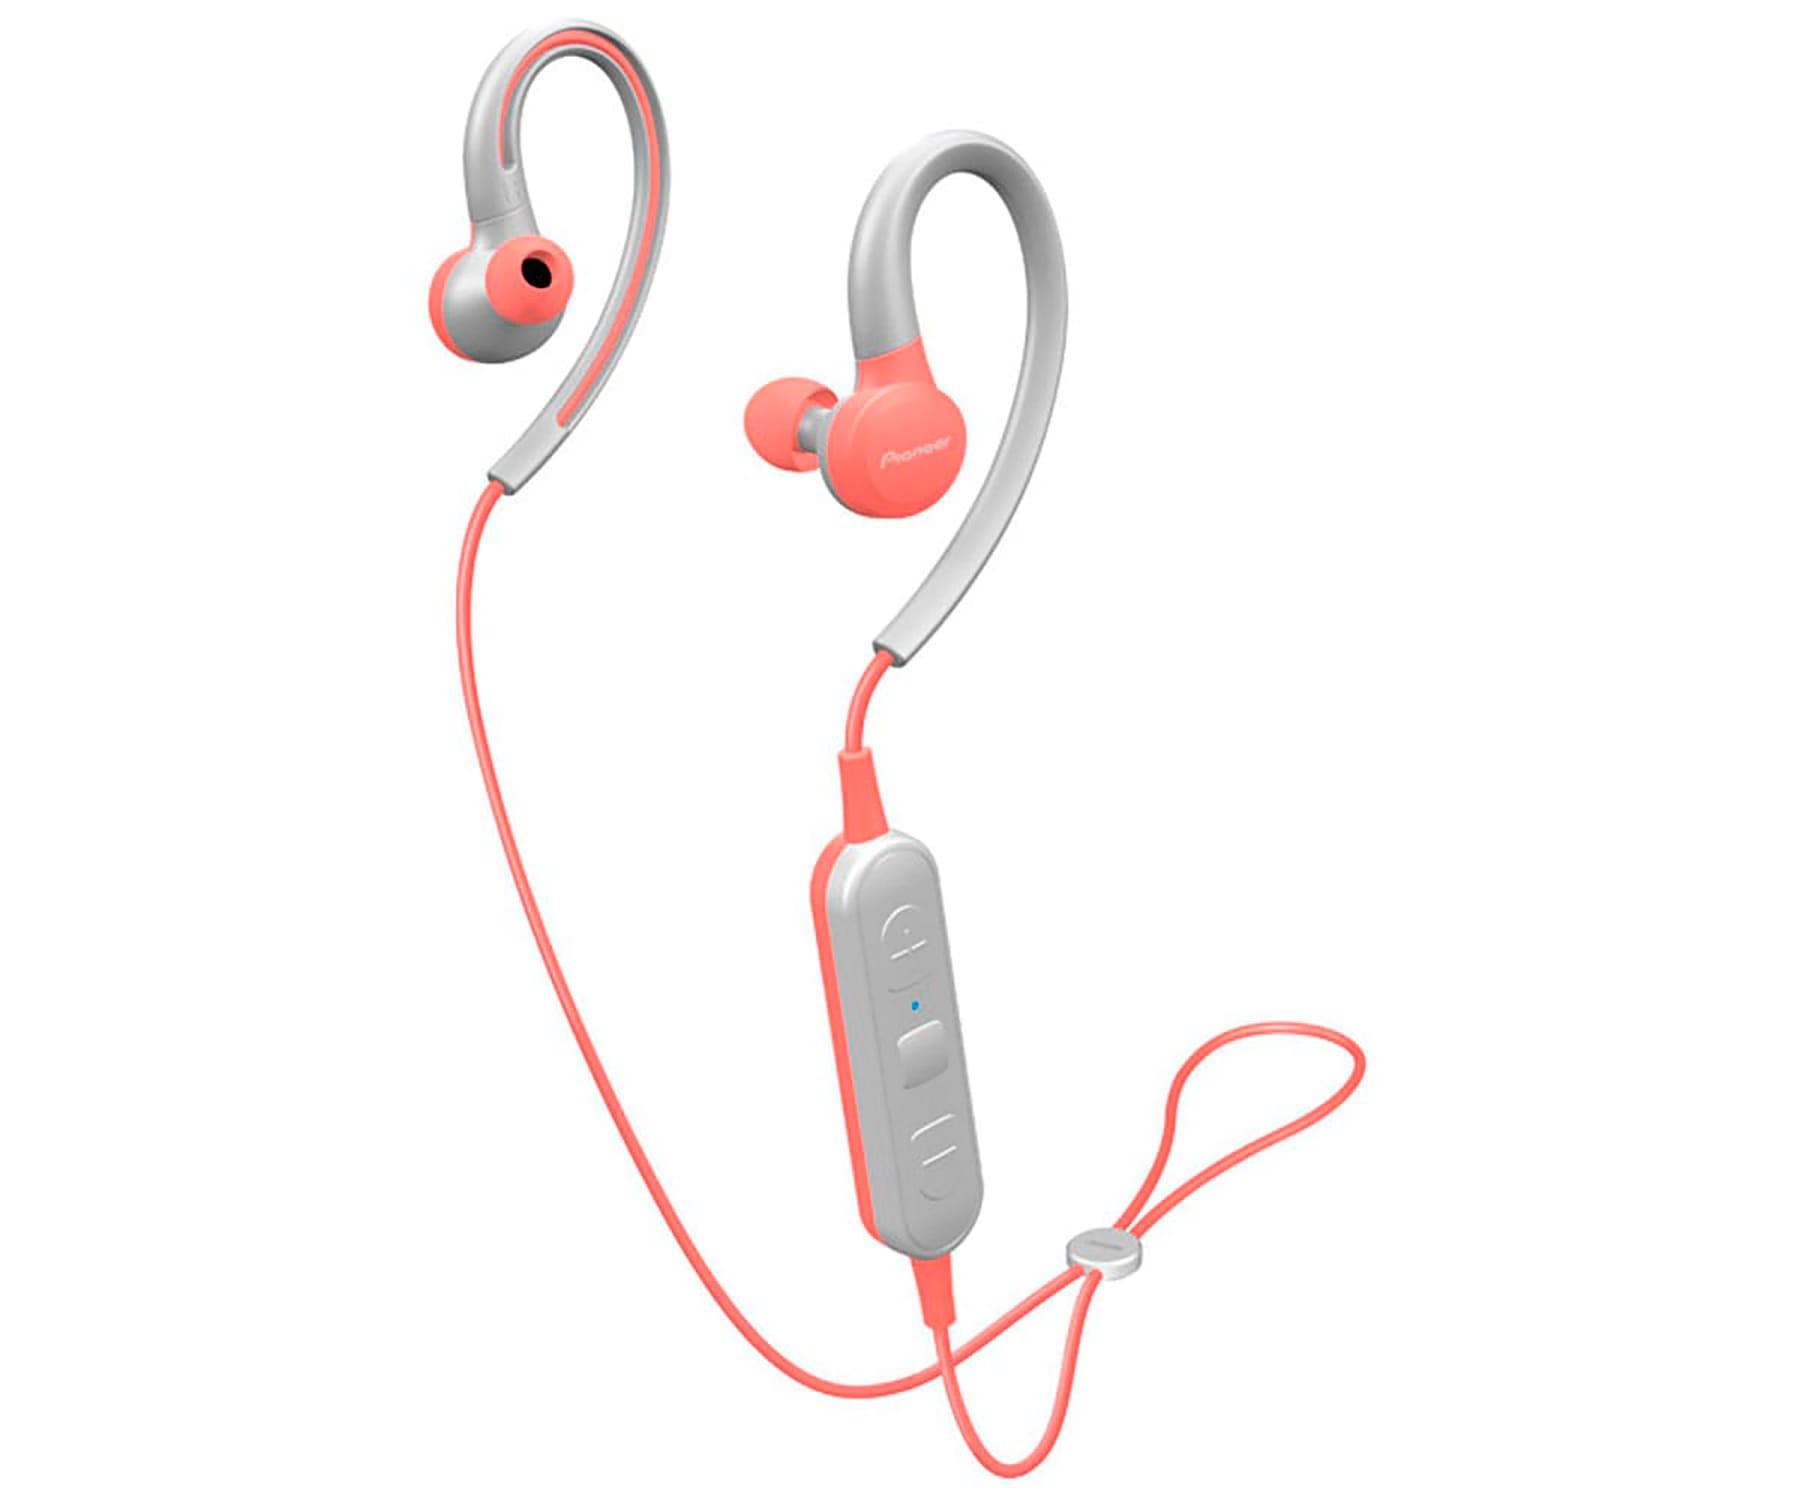 PIONEER SE-E6BT ROSA AURICULARES DEPORTIVOS IN-EAR INALÁMBRICOS E6 WIRELESS IPX4 MANOS LIBRES